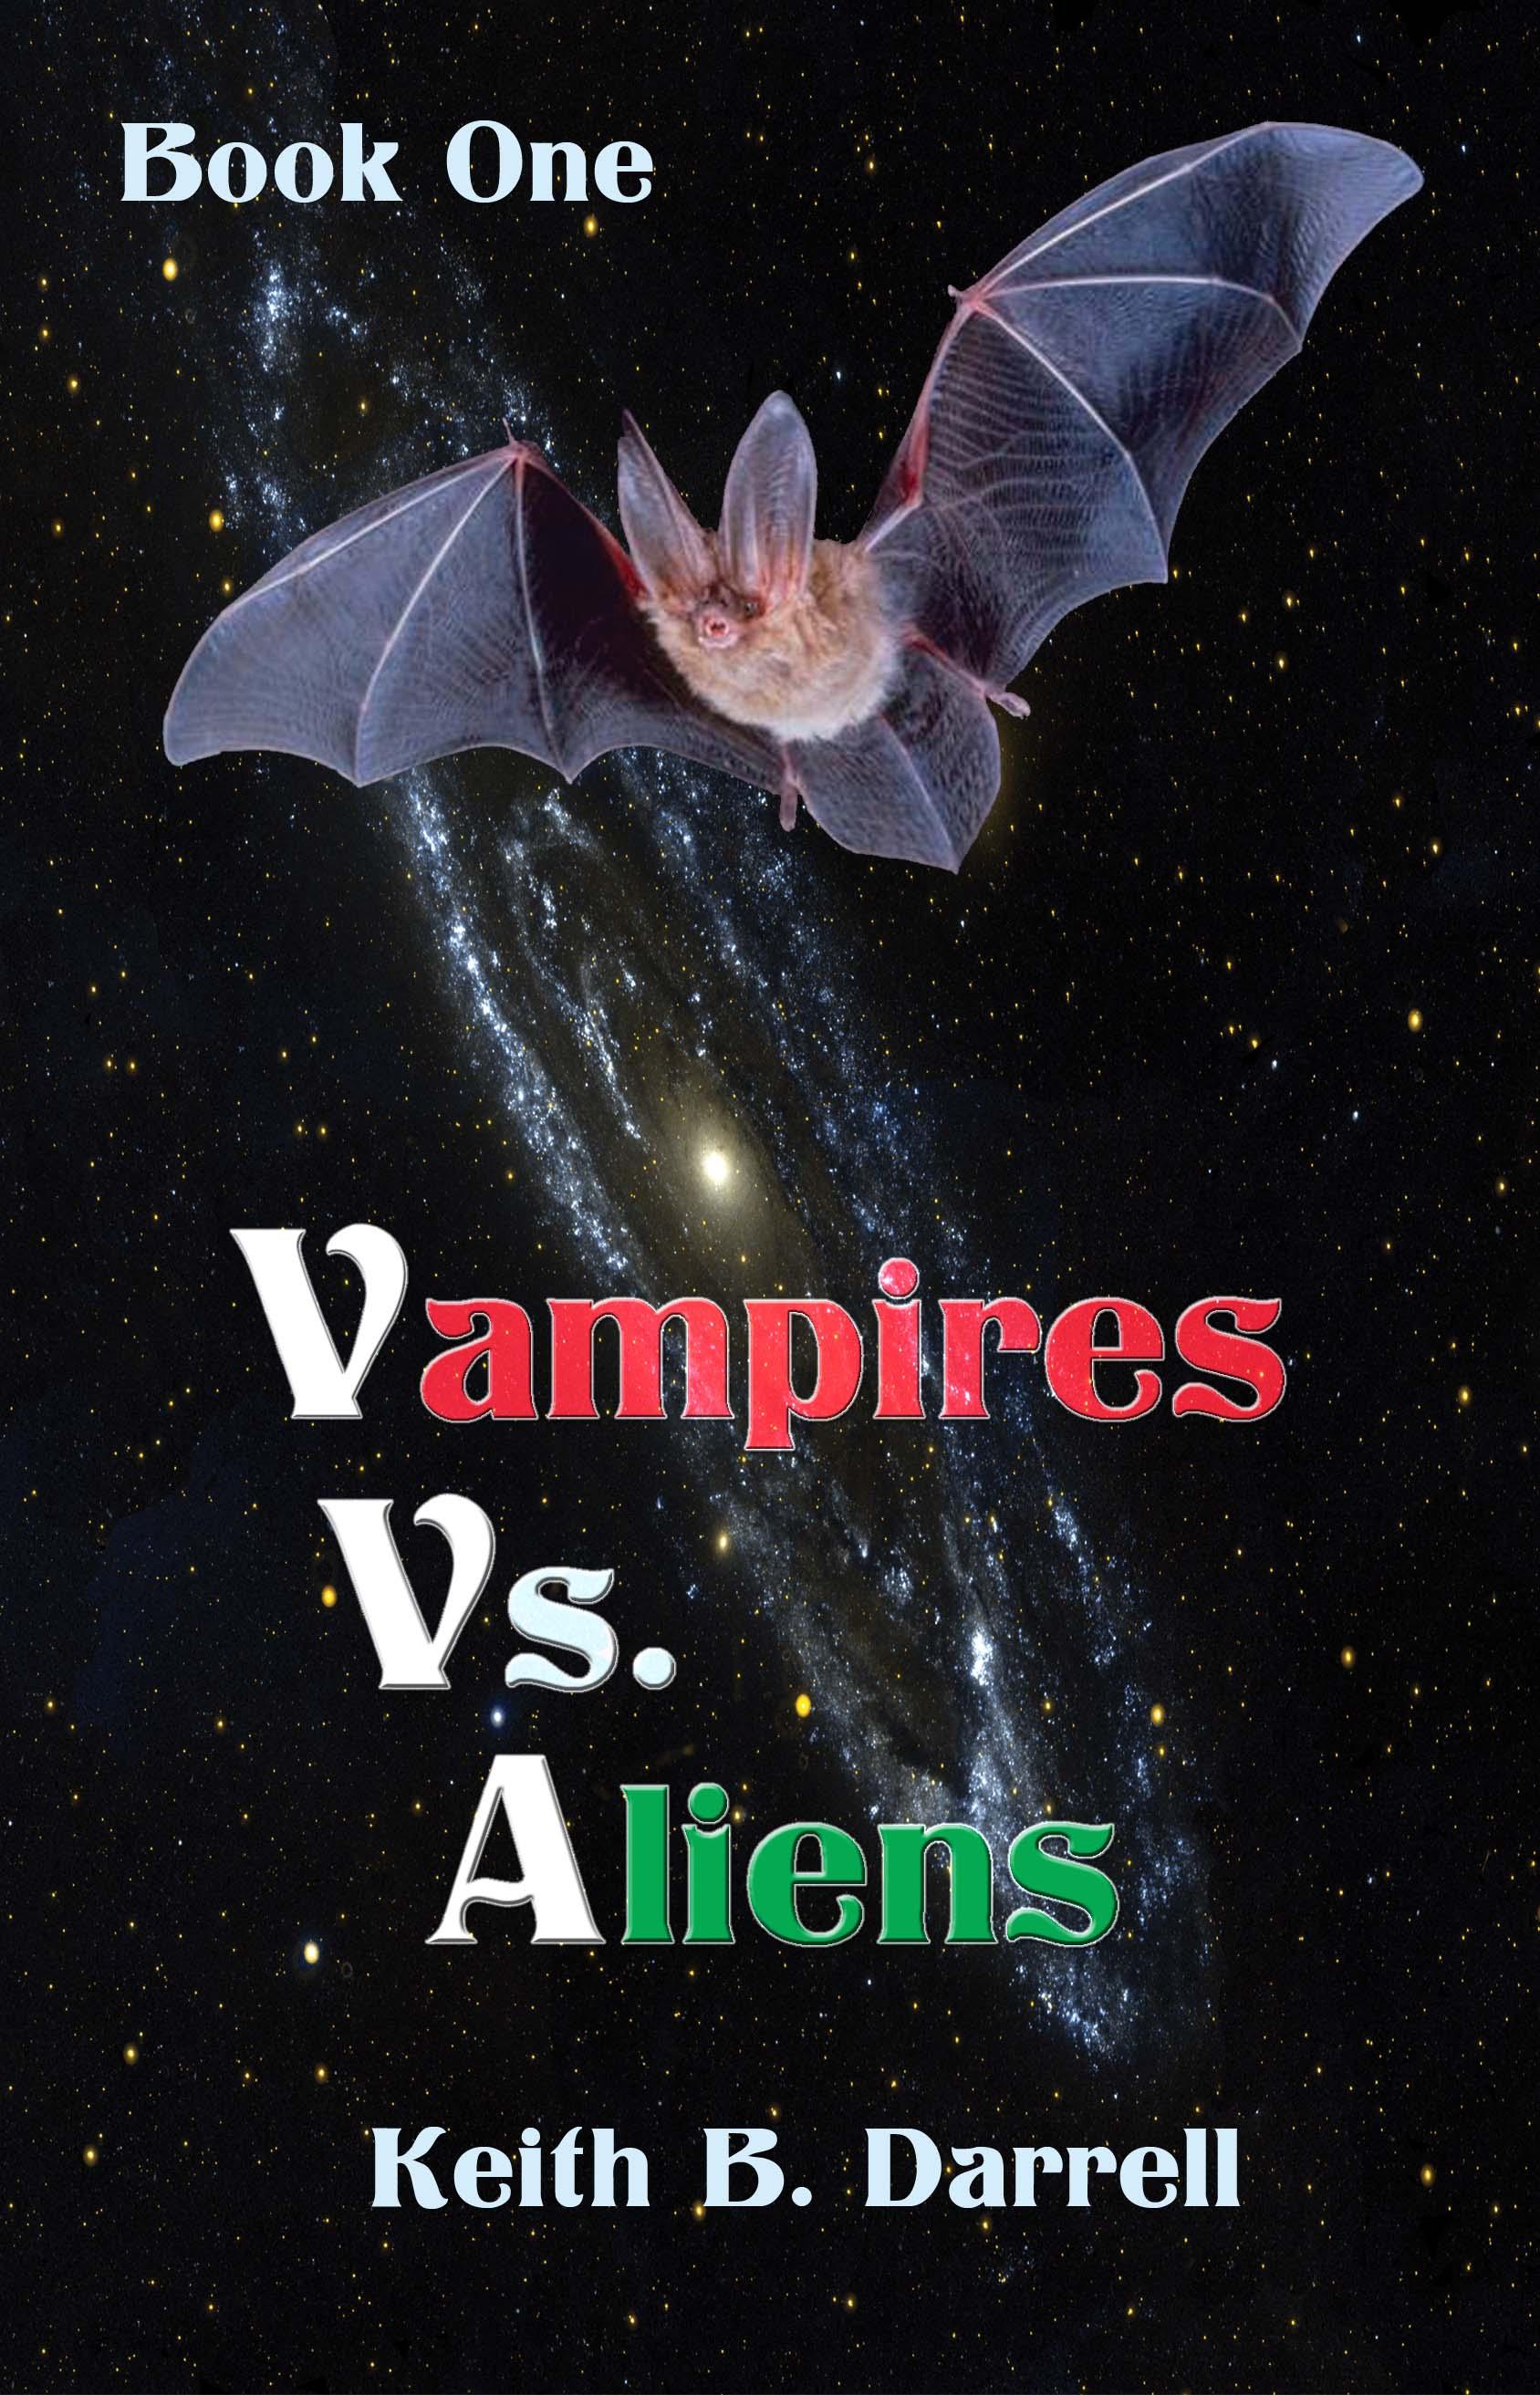 Vampires vs. Aliens Book 1